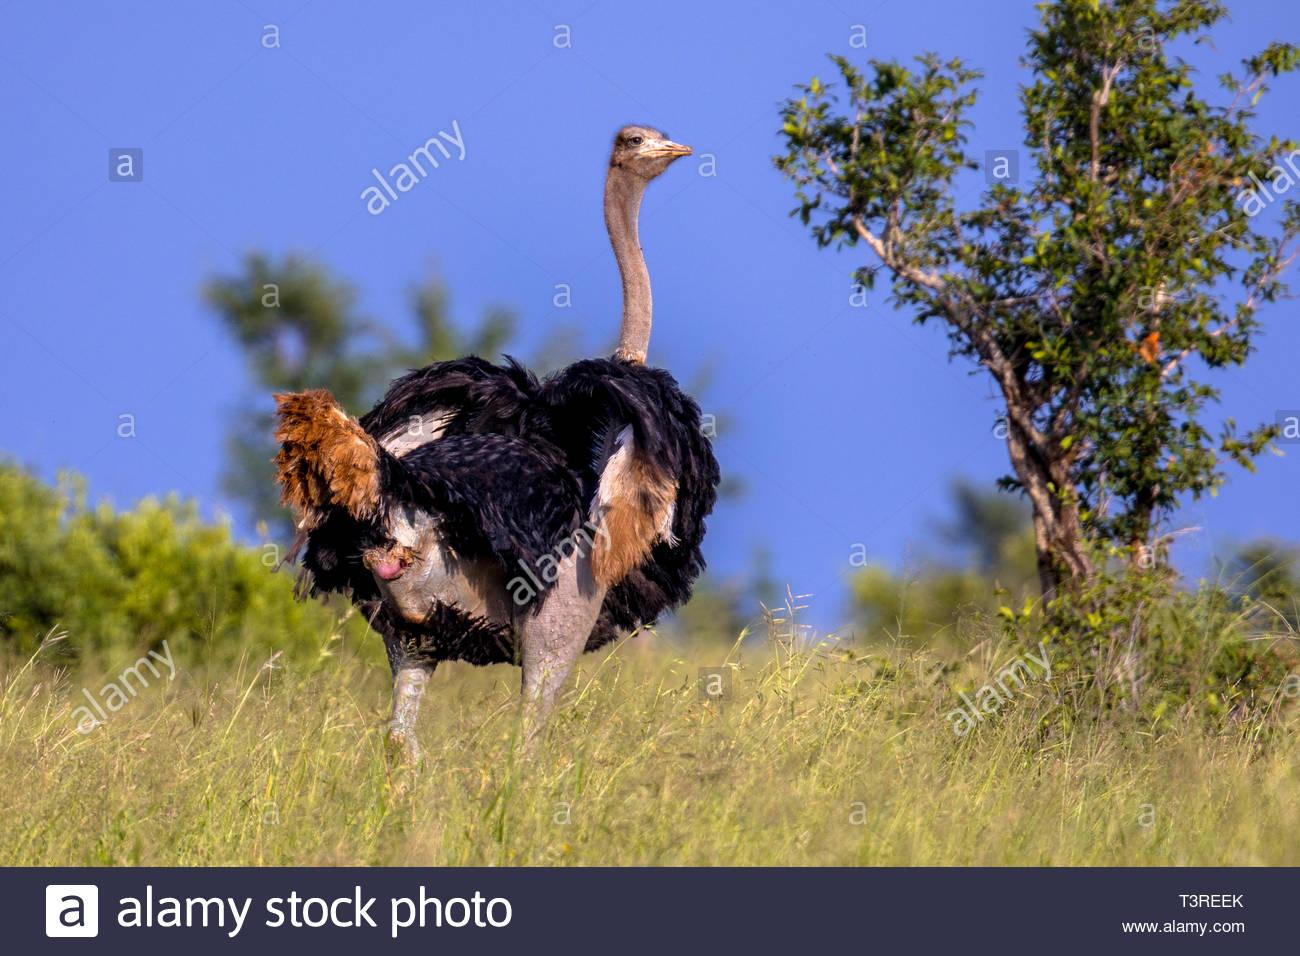 Autruche D'afrique Du Sud (Struthio Camelus Australis) Mâle destiné Male De L Autruche